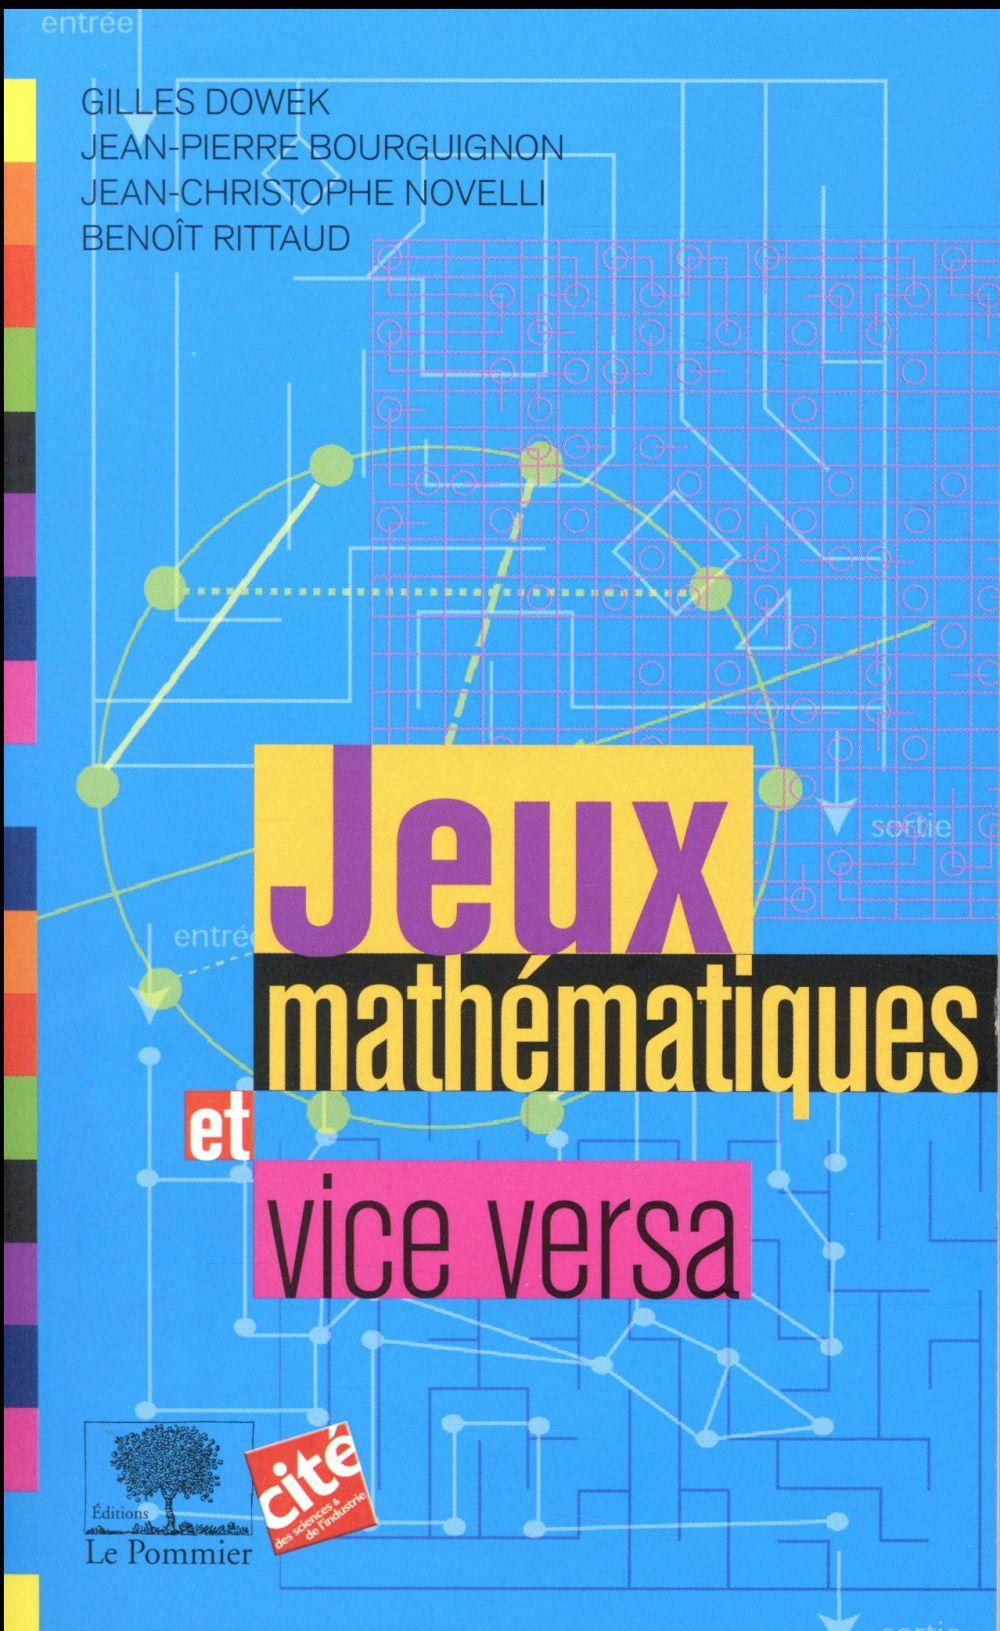 jeux mathématiques et vice versa (édition 2017)